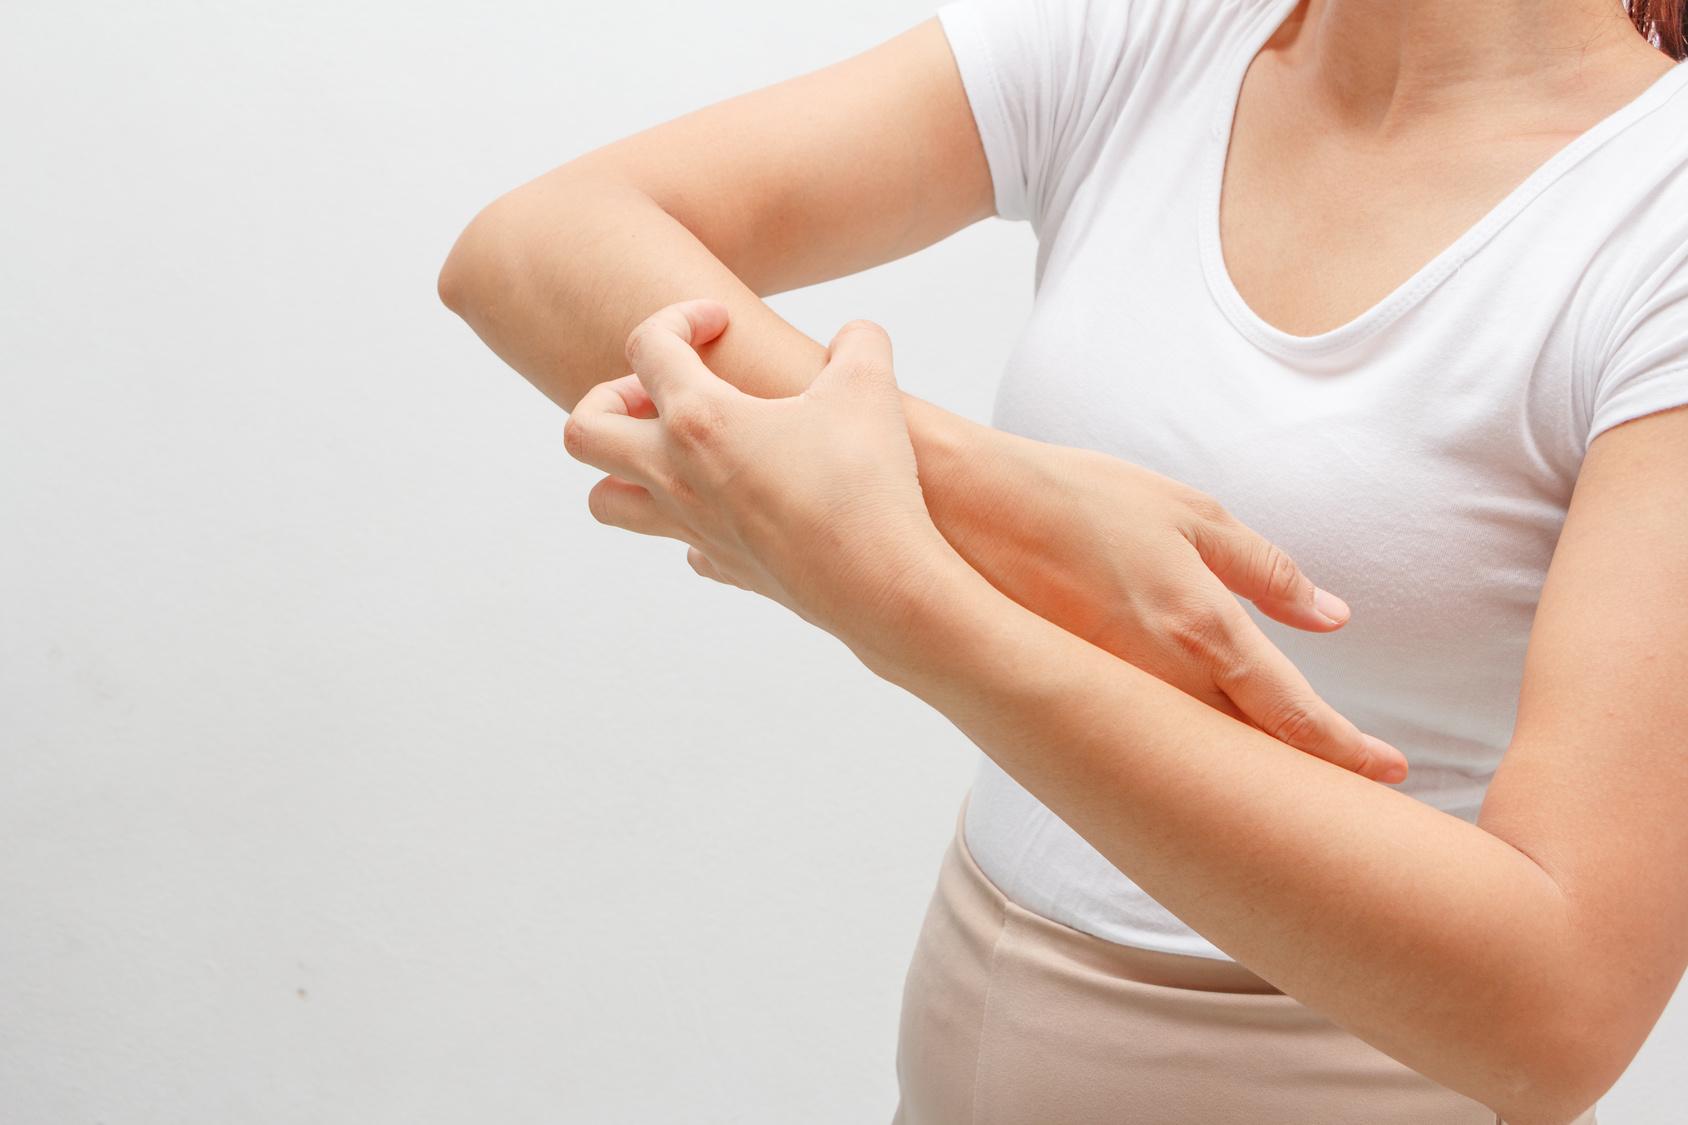 La candidosi cutanea: cos'è, le cause, i sintomi e come si cura